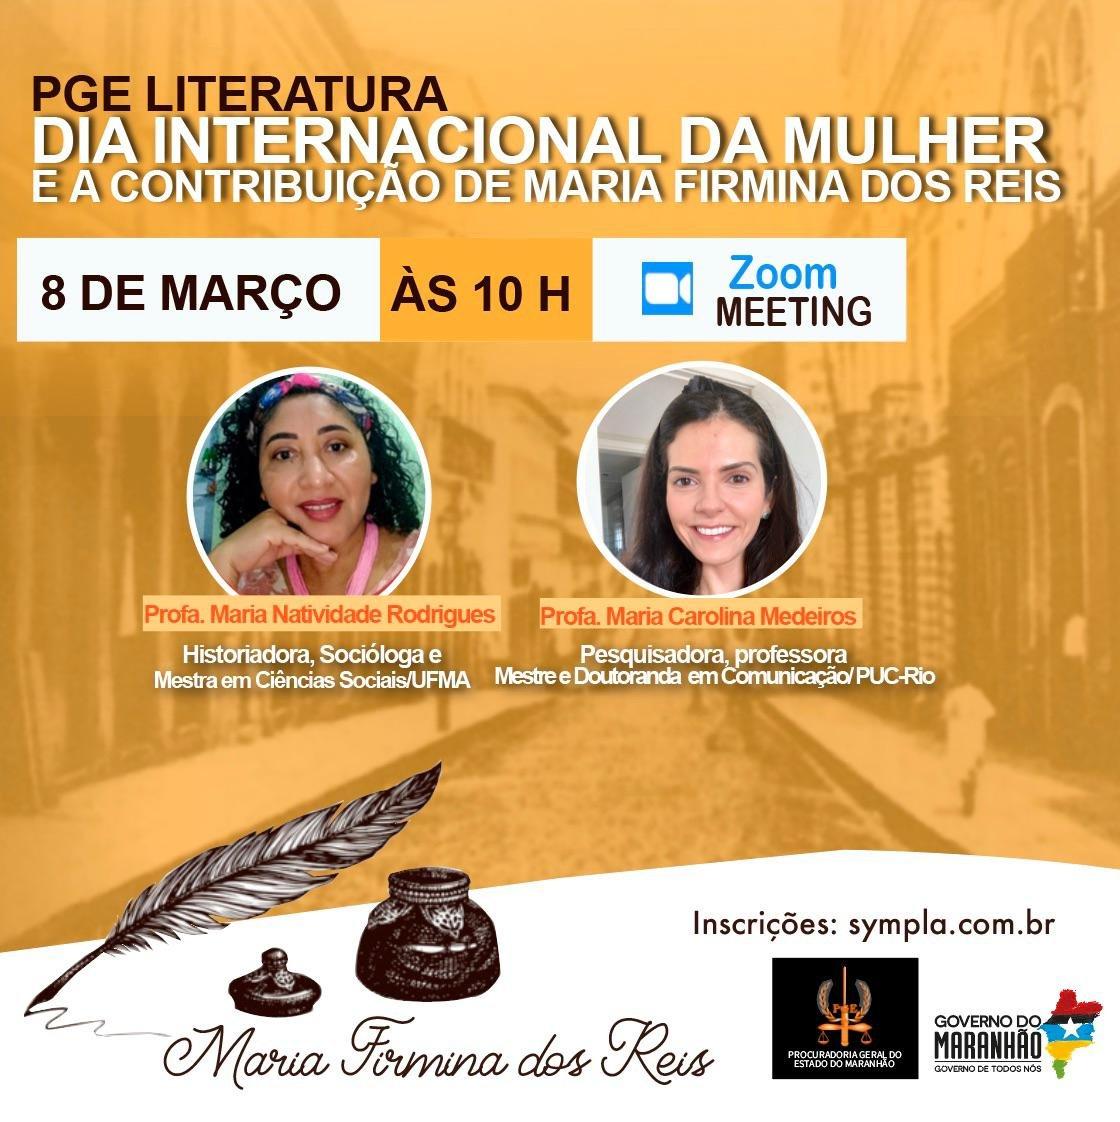 PGE-LITERATURA  DIA INTERNACIONAL DA MULHER E A CONTRIBUIÇÃO DE MARIA FIRMINA DOS REIS